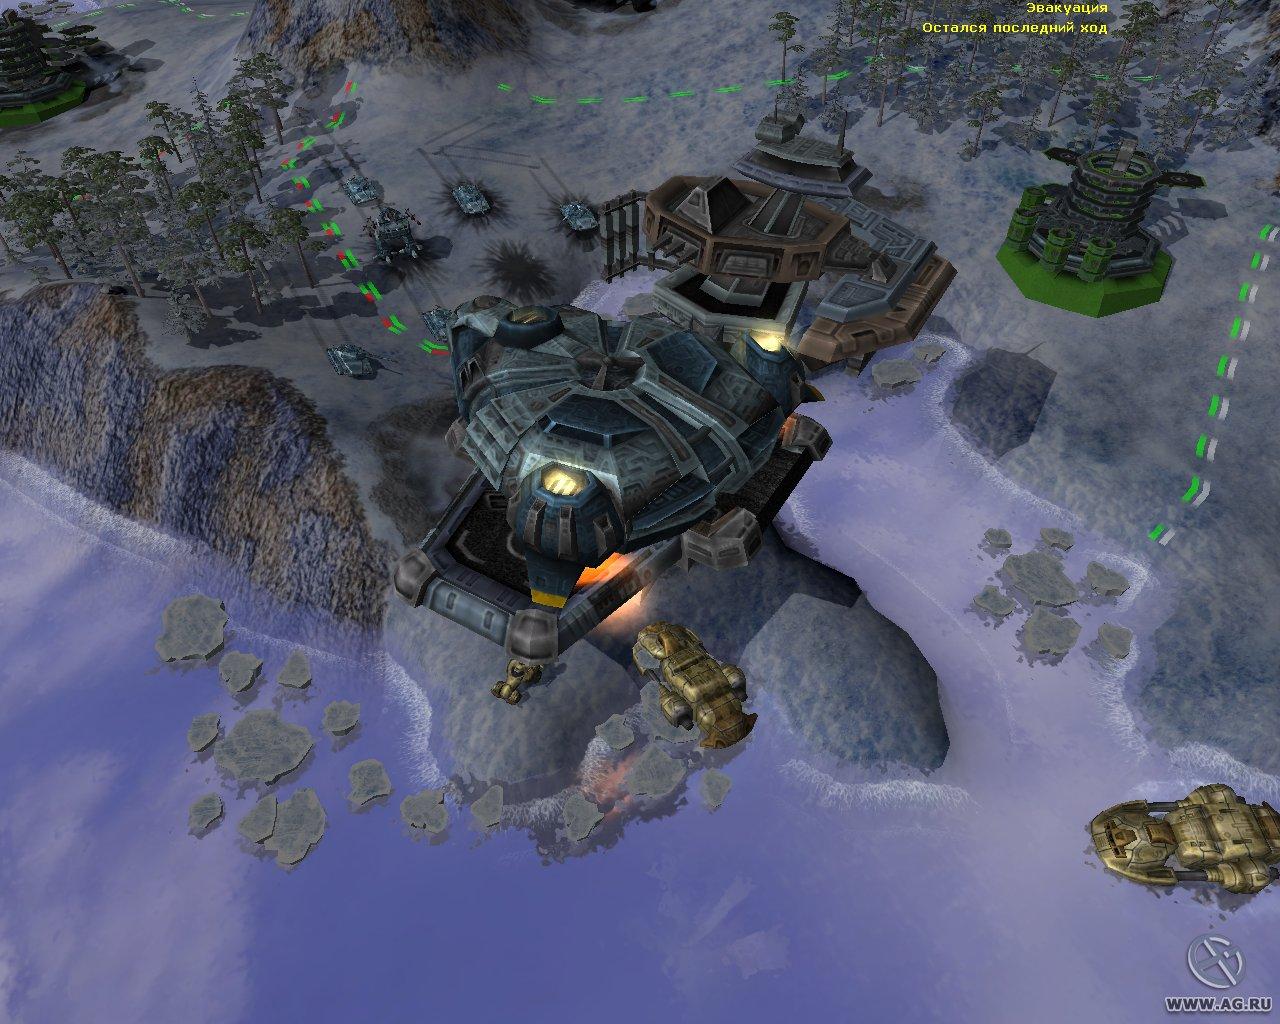 Скриншоты для игры Domination (2005) Massive Assault Расцвет Лиги.